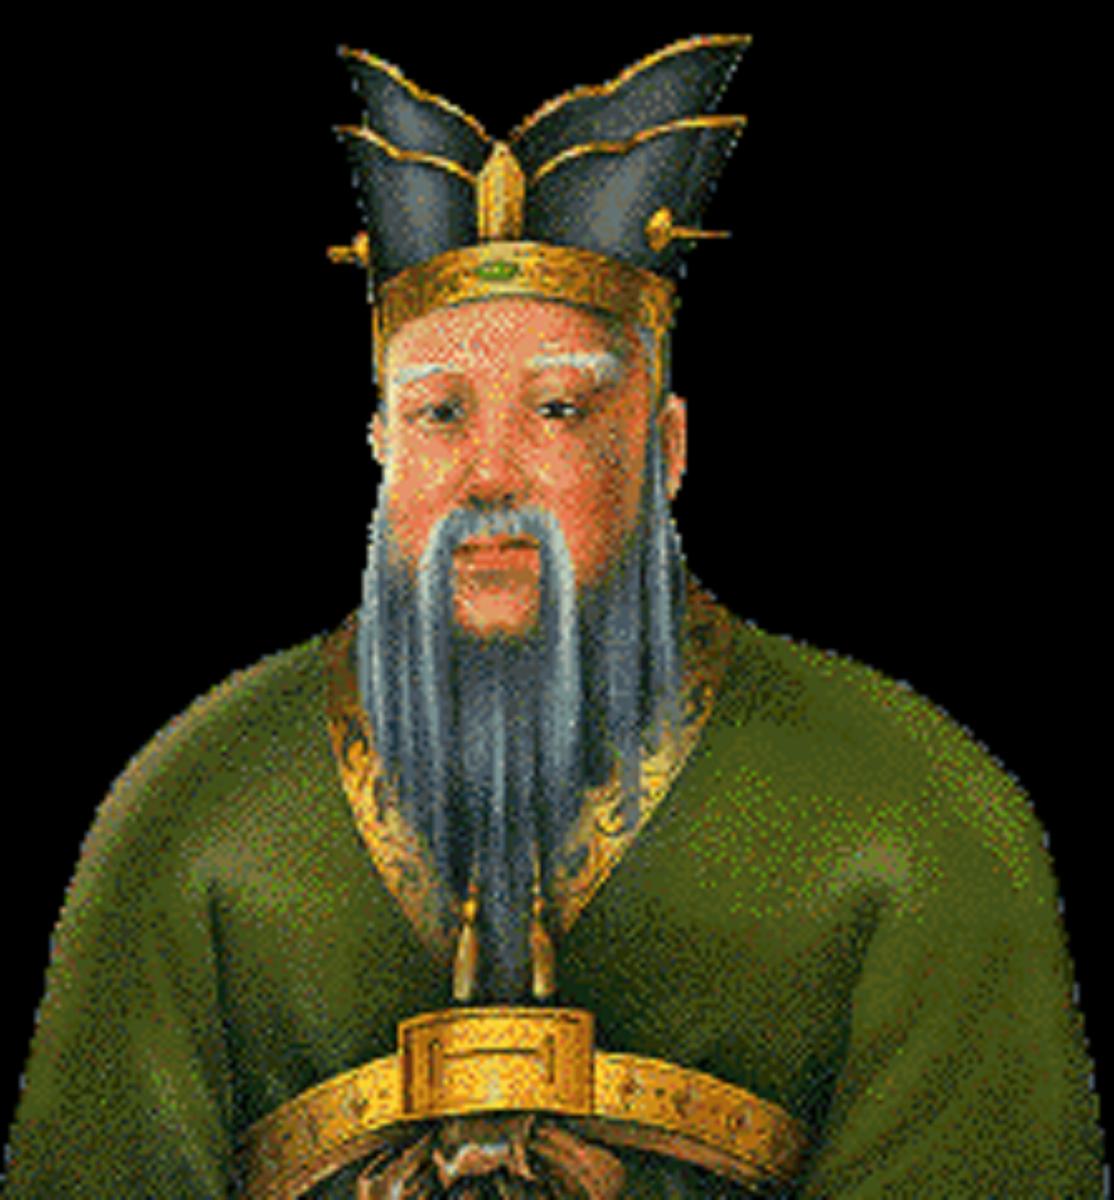 King Benjamin, Ancient American Ruler